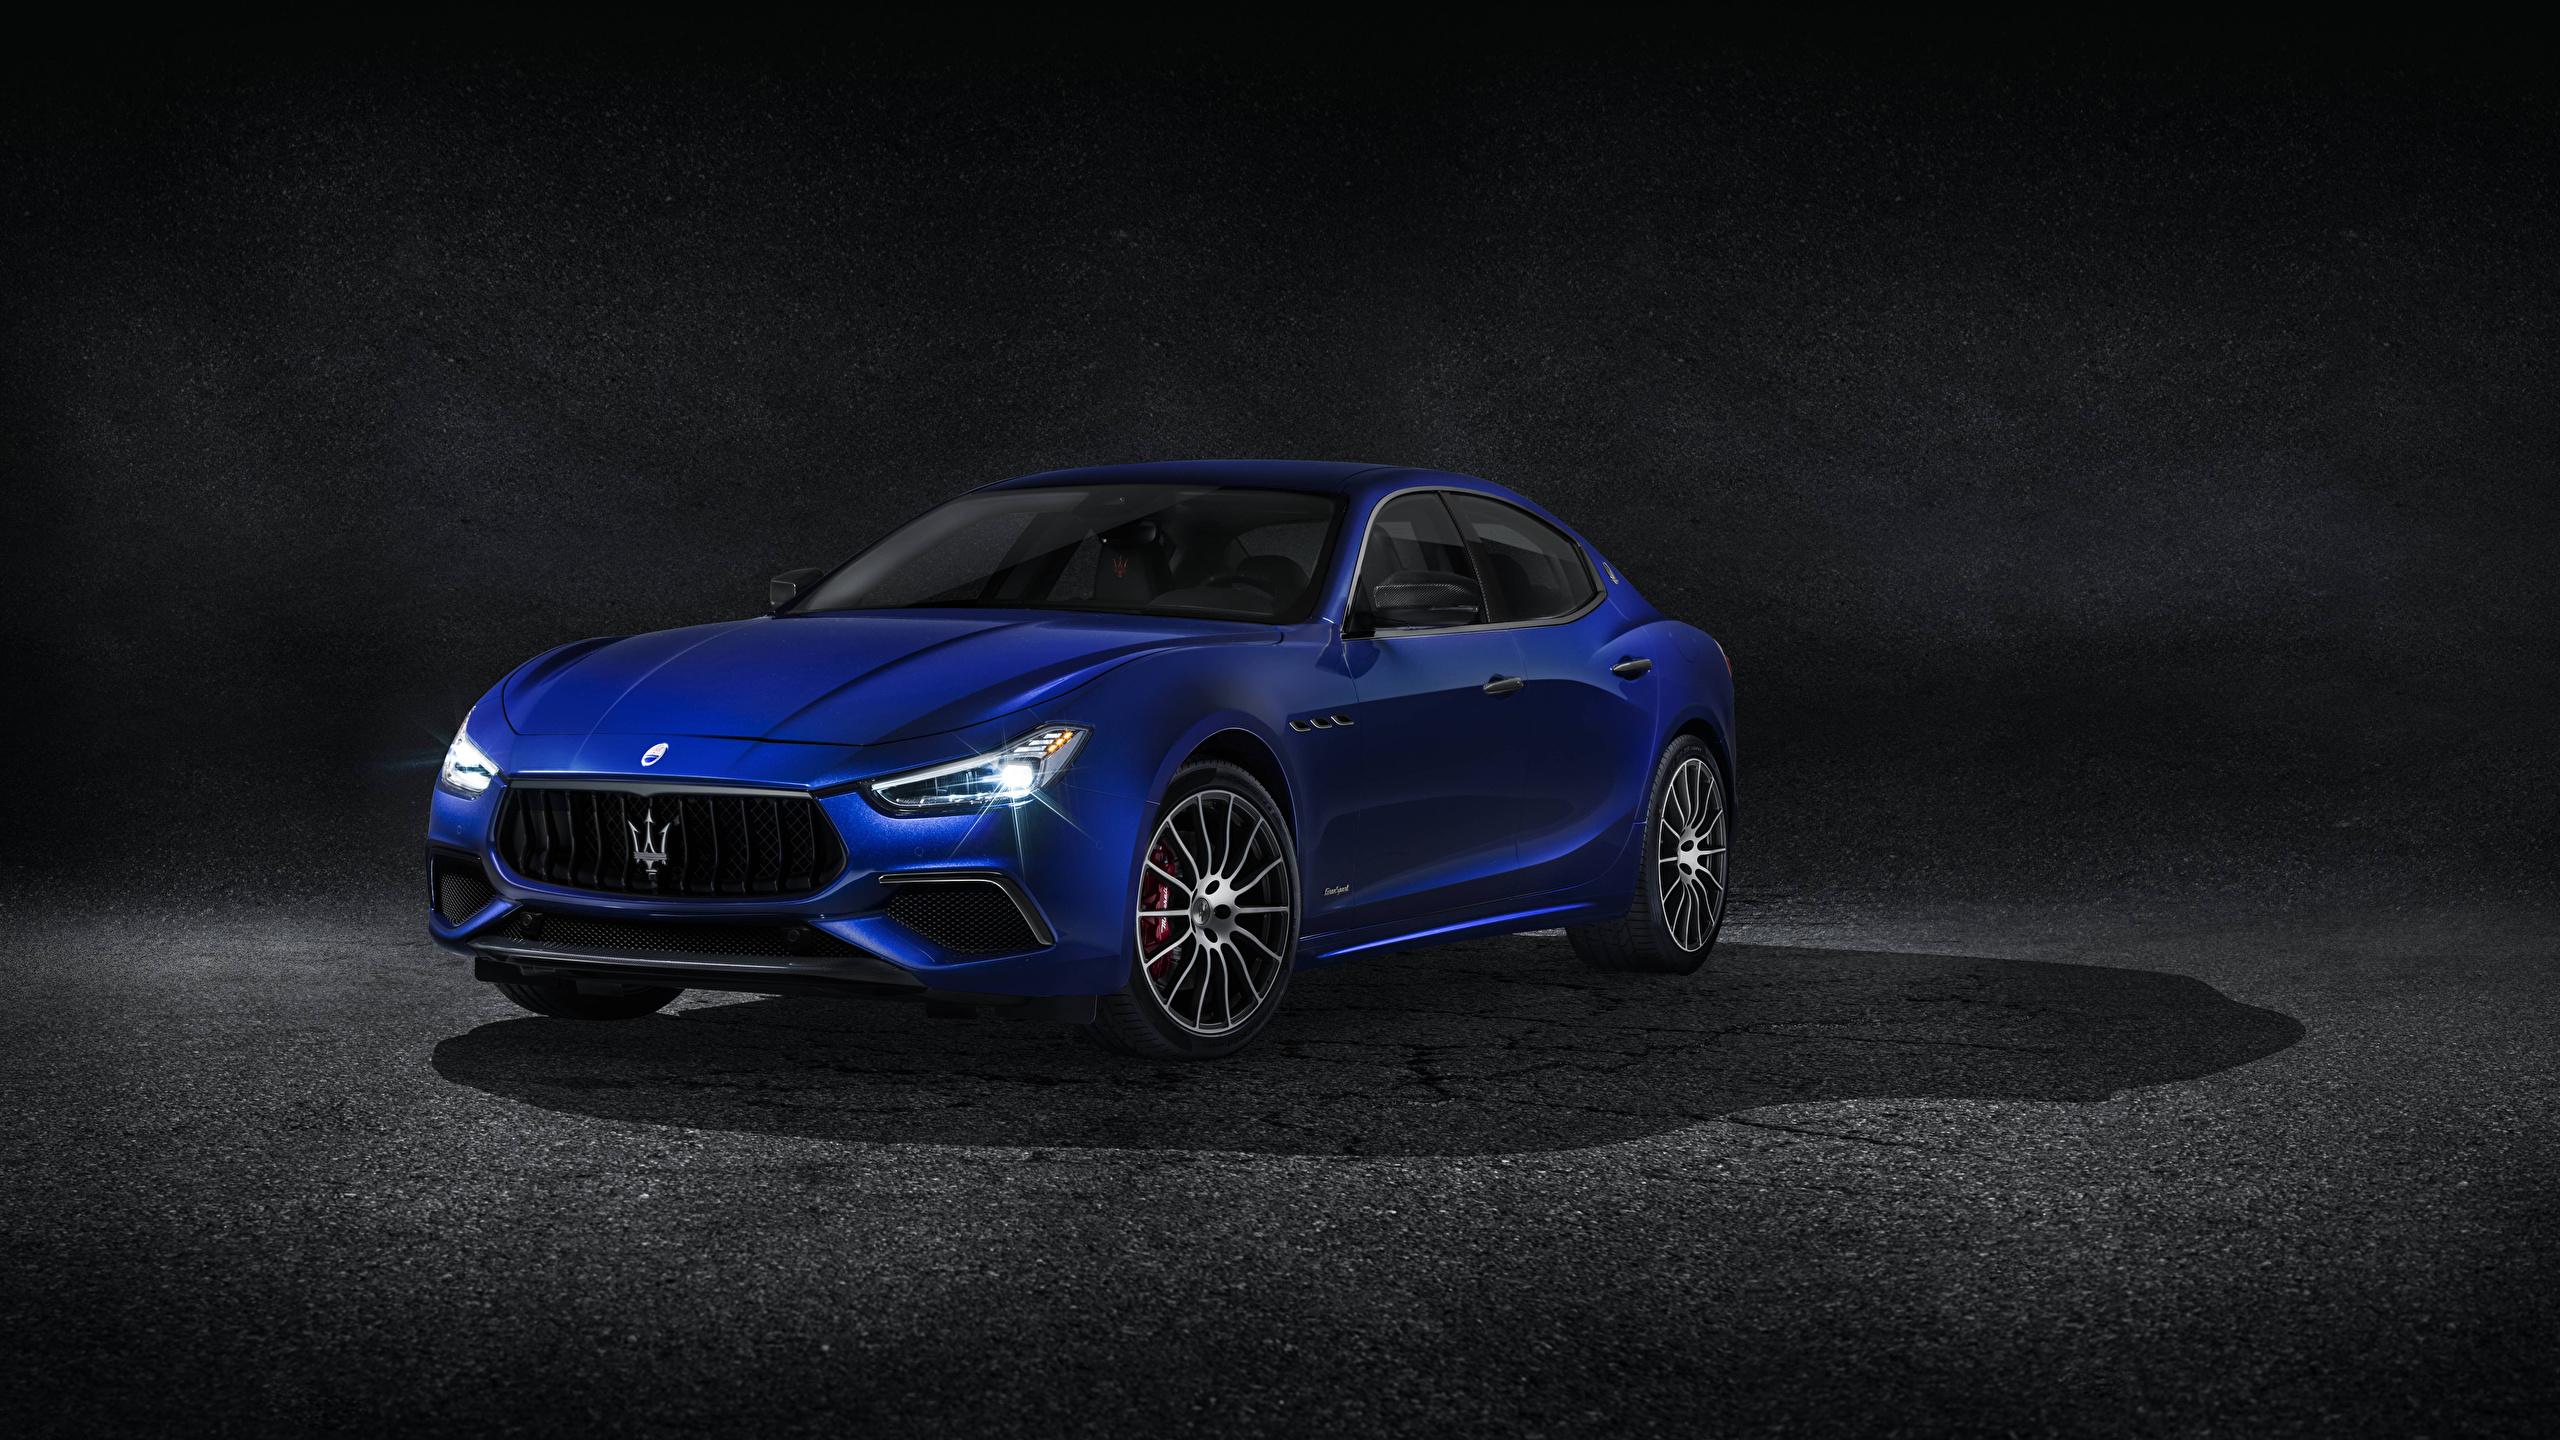 Fonds Decran 2560x1440 Maserati 2017 Ghibli S Q4 Gransport